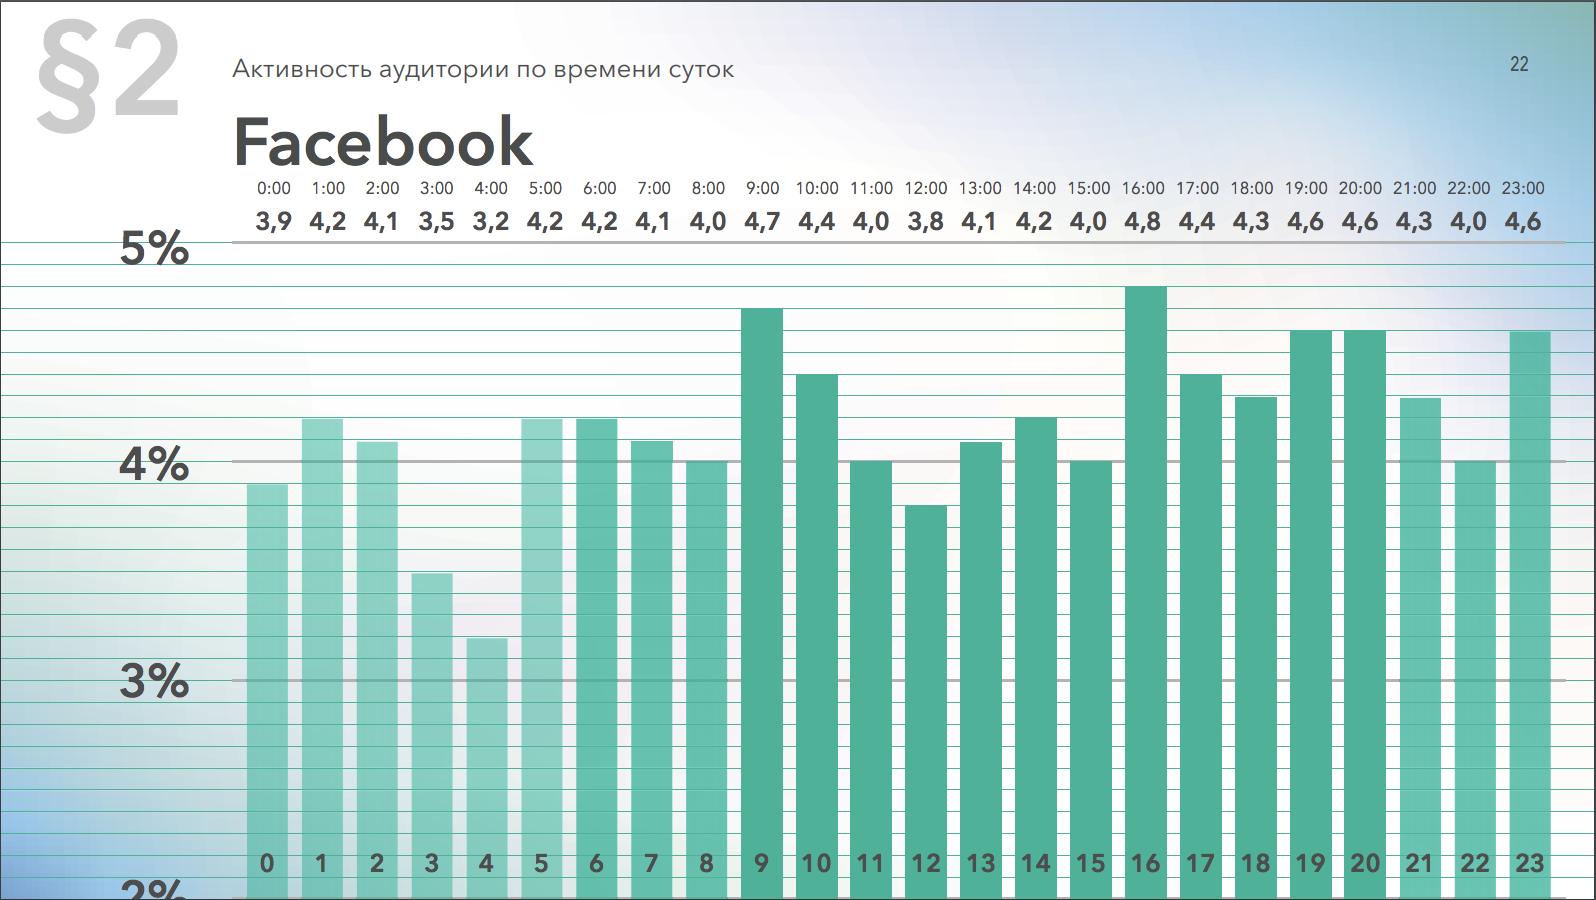 Активность аудитории Facebook по времени суток